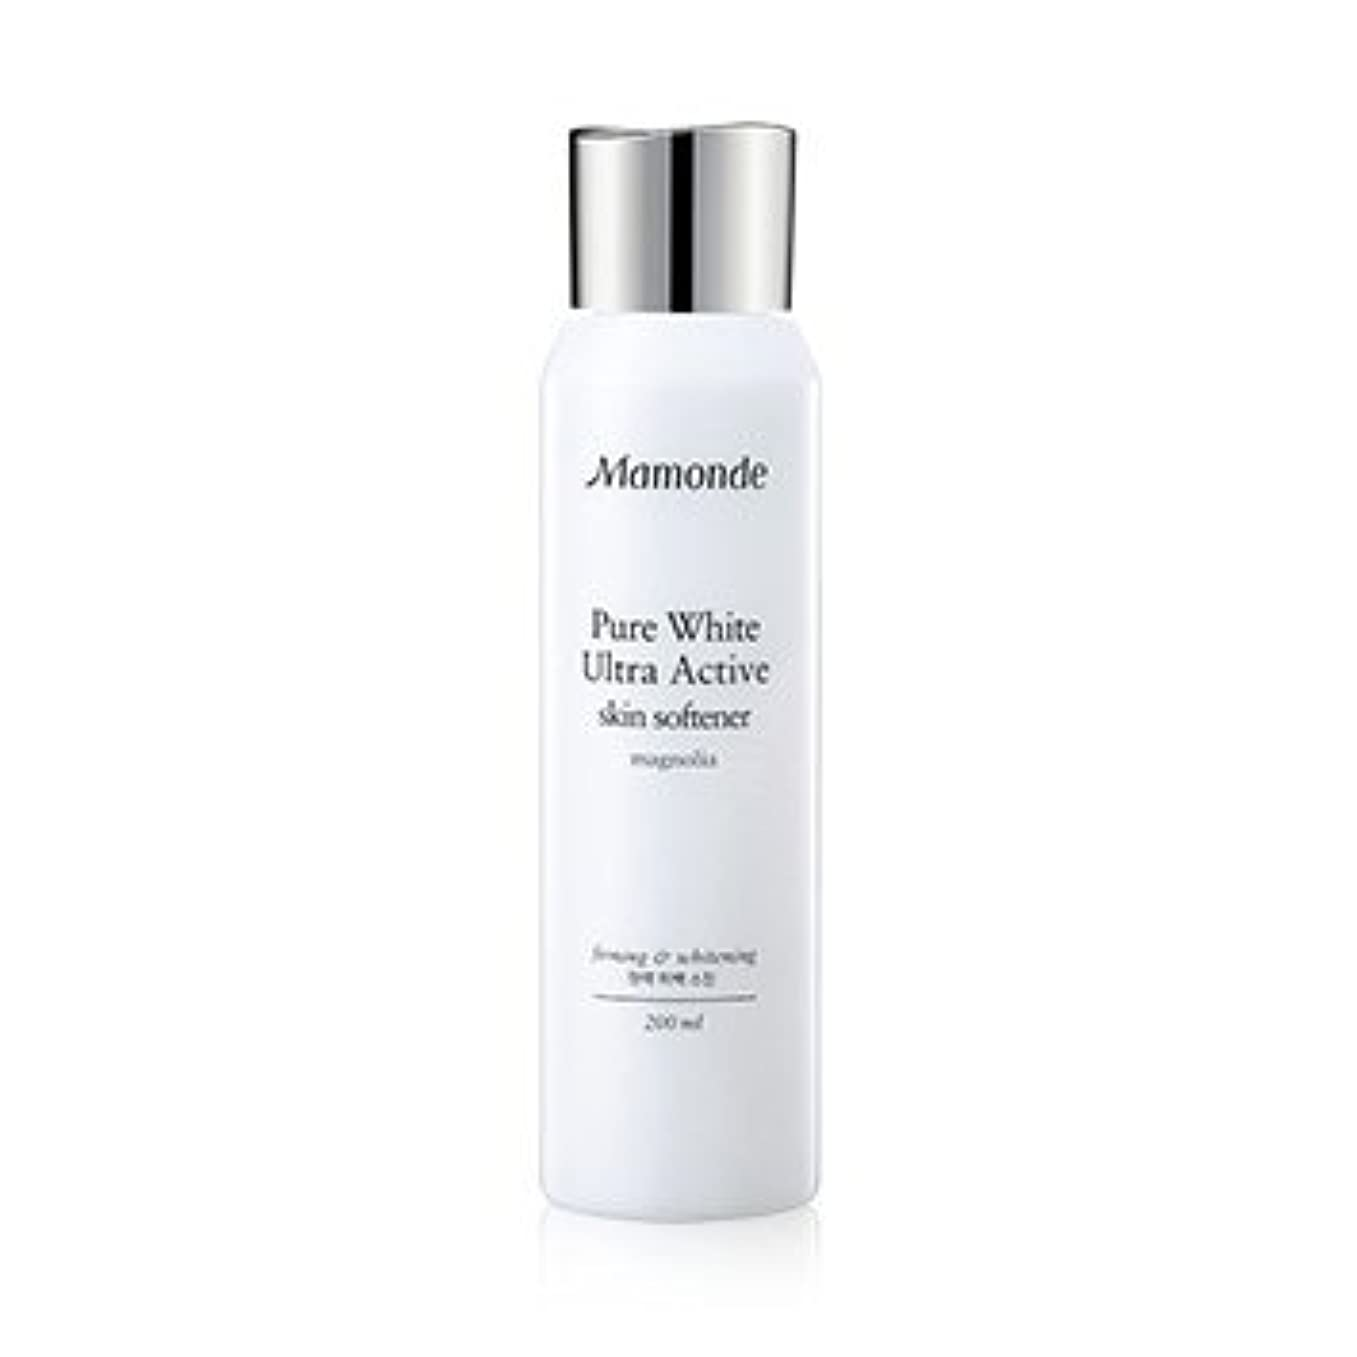 手数料付添人抽出Mamonde Pure White Ultra Active Skin Softener 200ml/マモンド ピュア ホワイト ウルトラ アクティブ スキン ソフナー 200ml [並行輸入品]